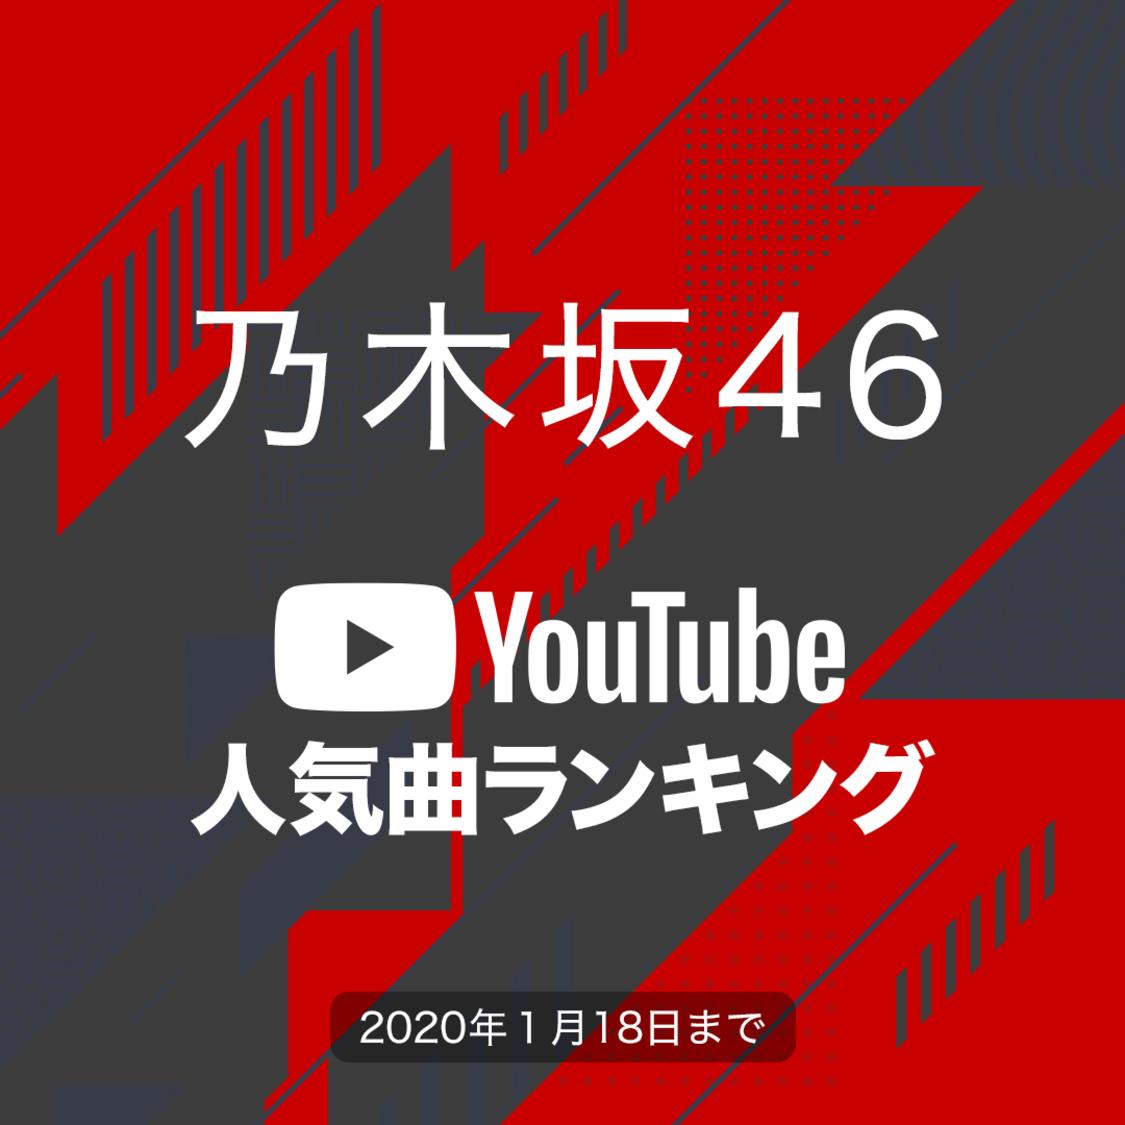 乃木坂46[YouTube人気曲ランキング]再生回数が1番多い曲は?